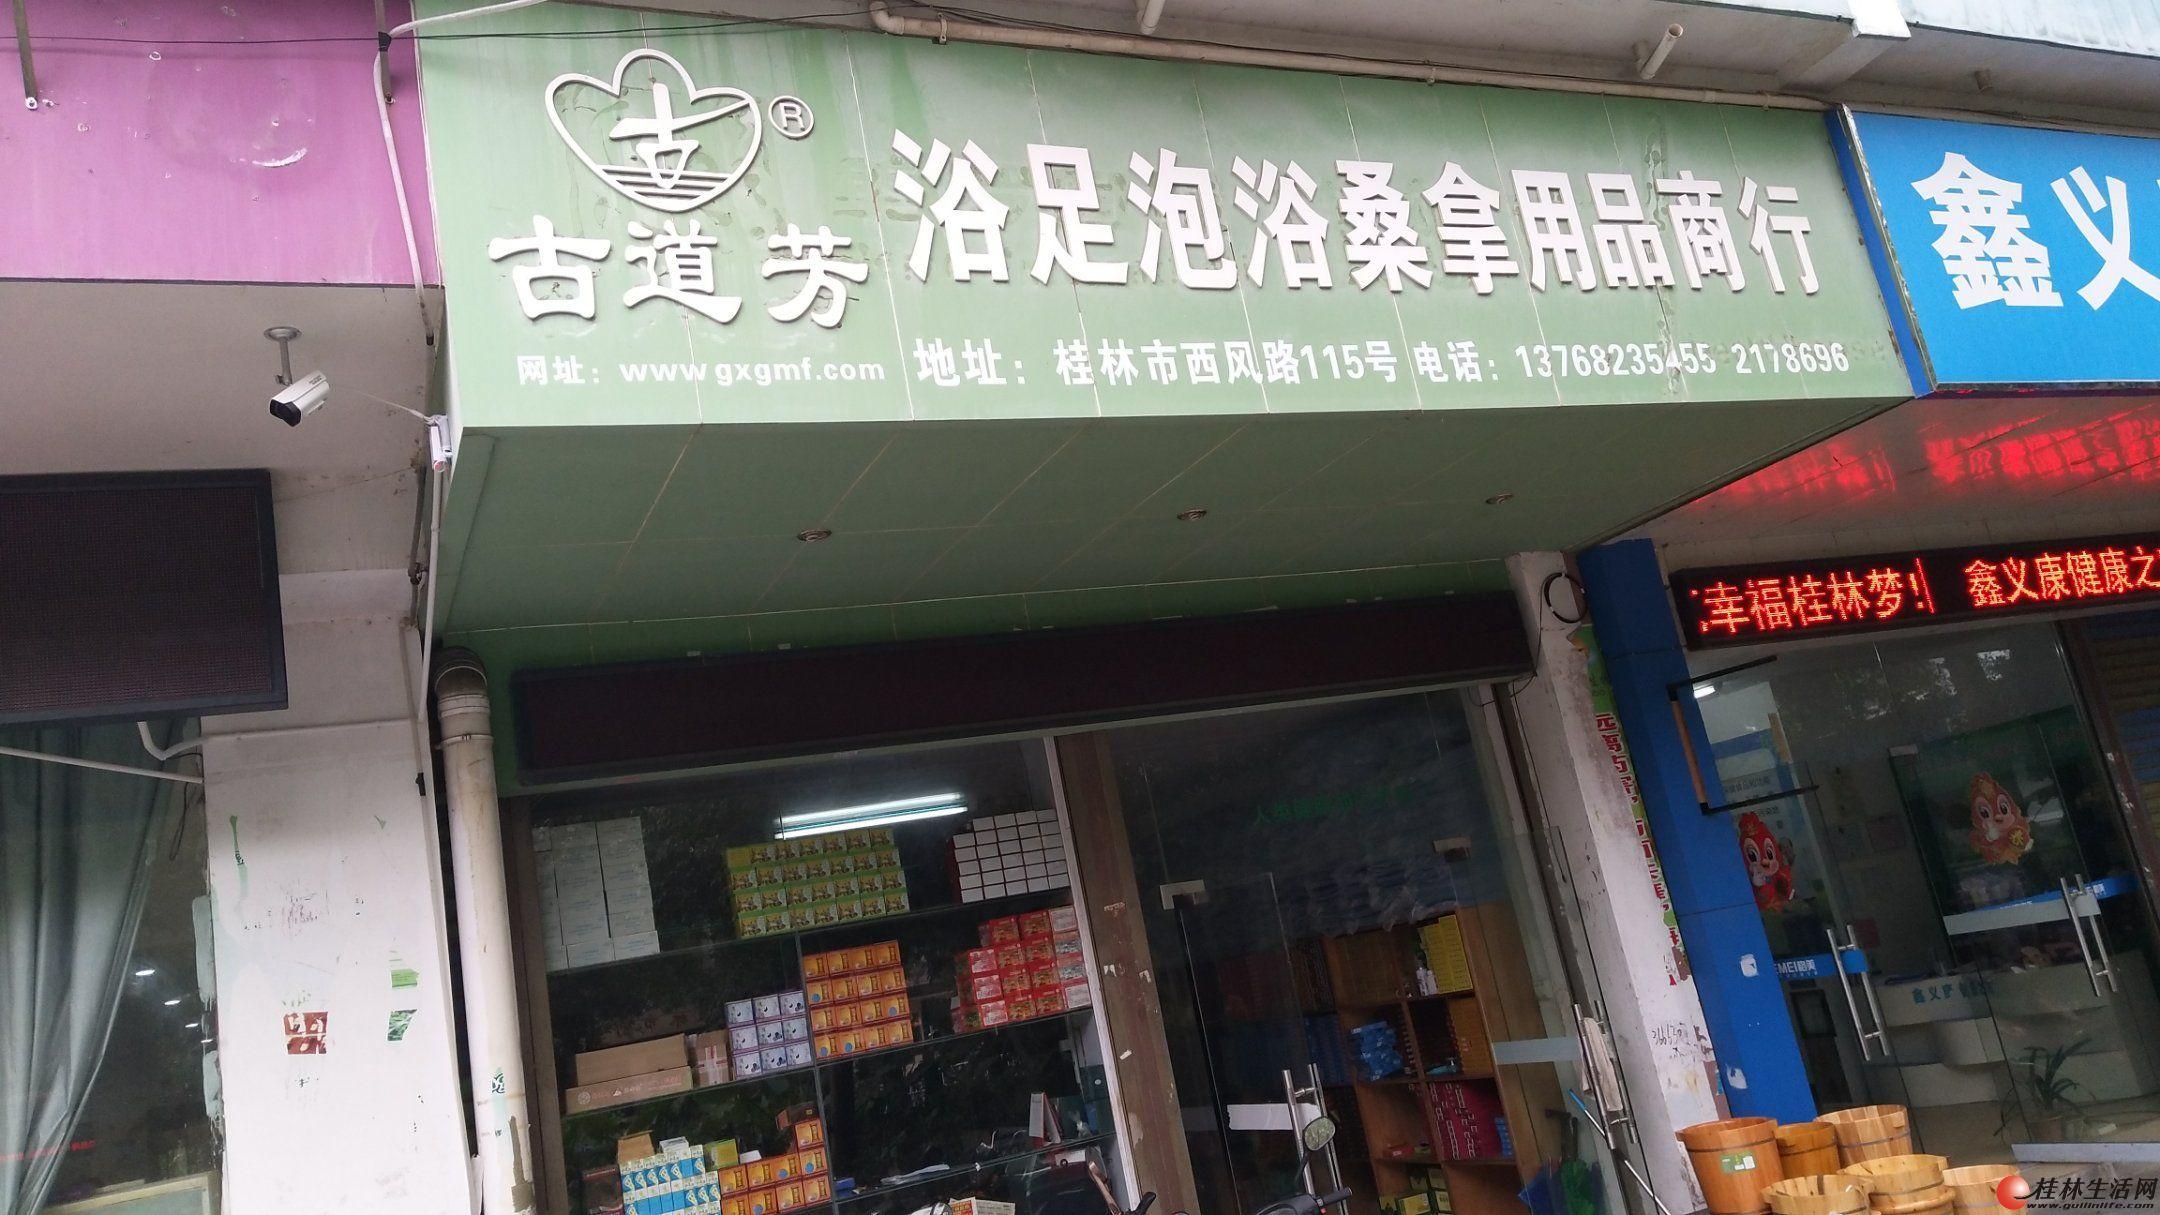 桂林古道方足浴桑拿用品诚聘送货员二人